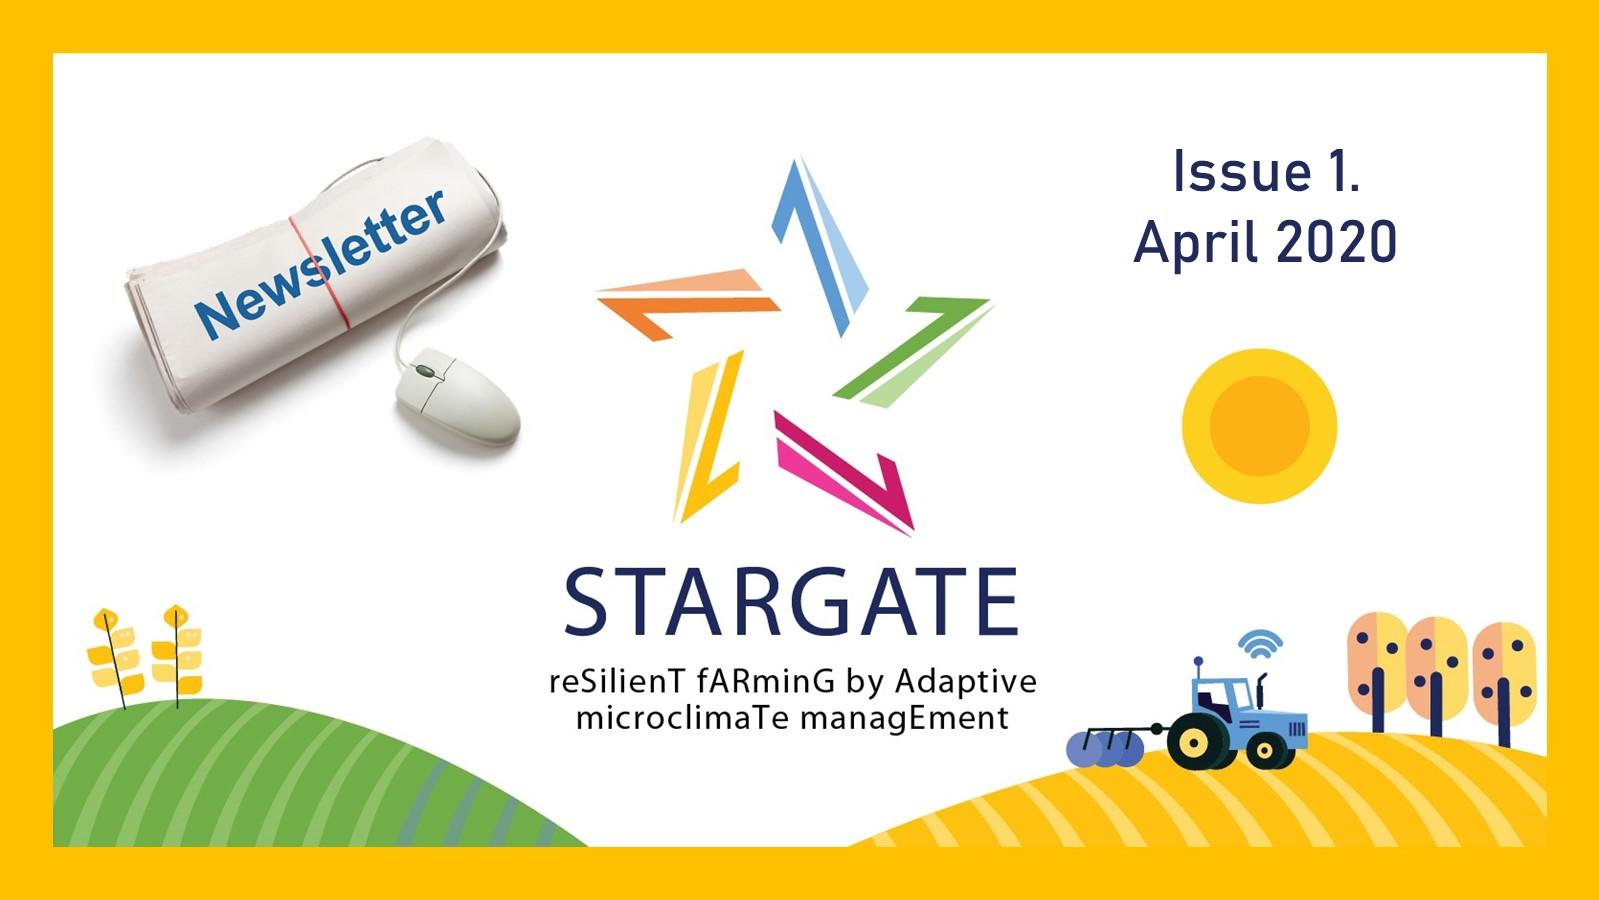 STARGATE Newsletter - Issue 1